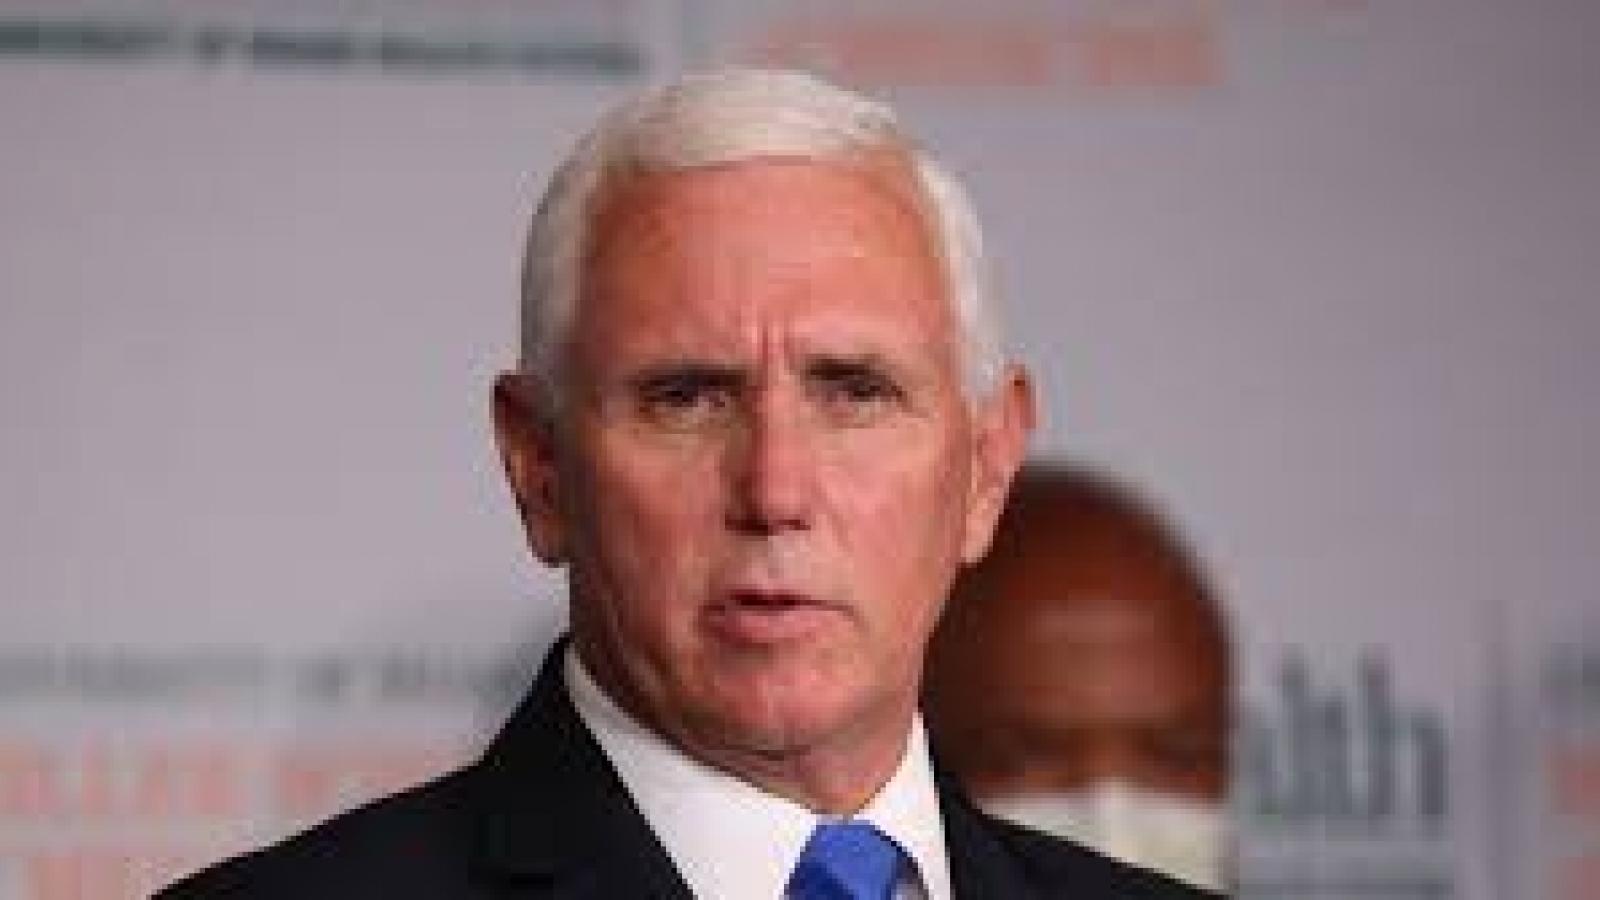 Phó Tổng thống Mỹ Mike Pence bị nghi xuất hiện triệu chứng mắc Covid-19